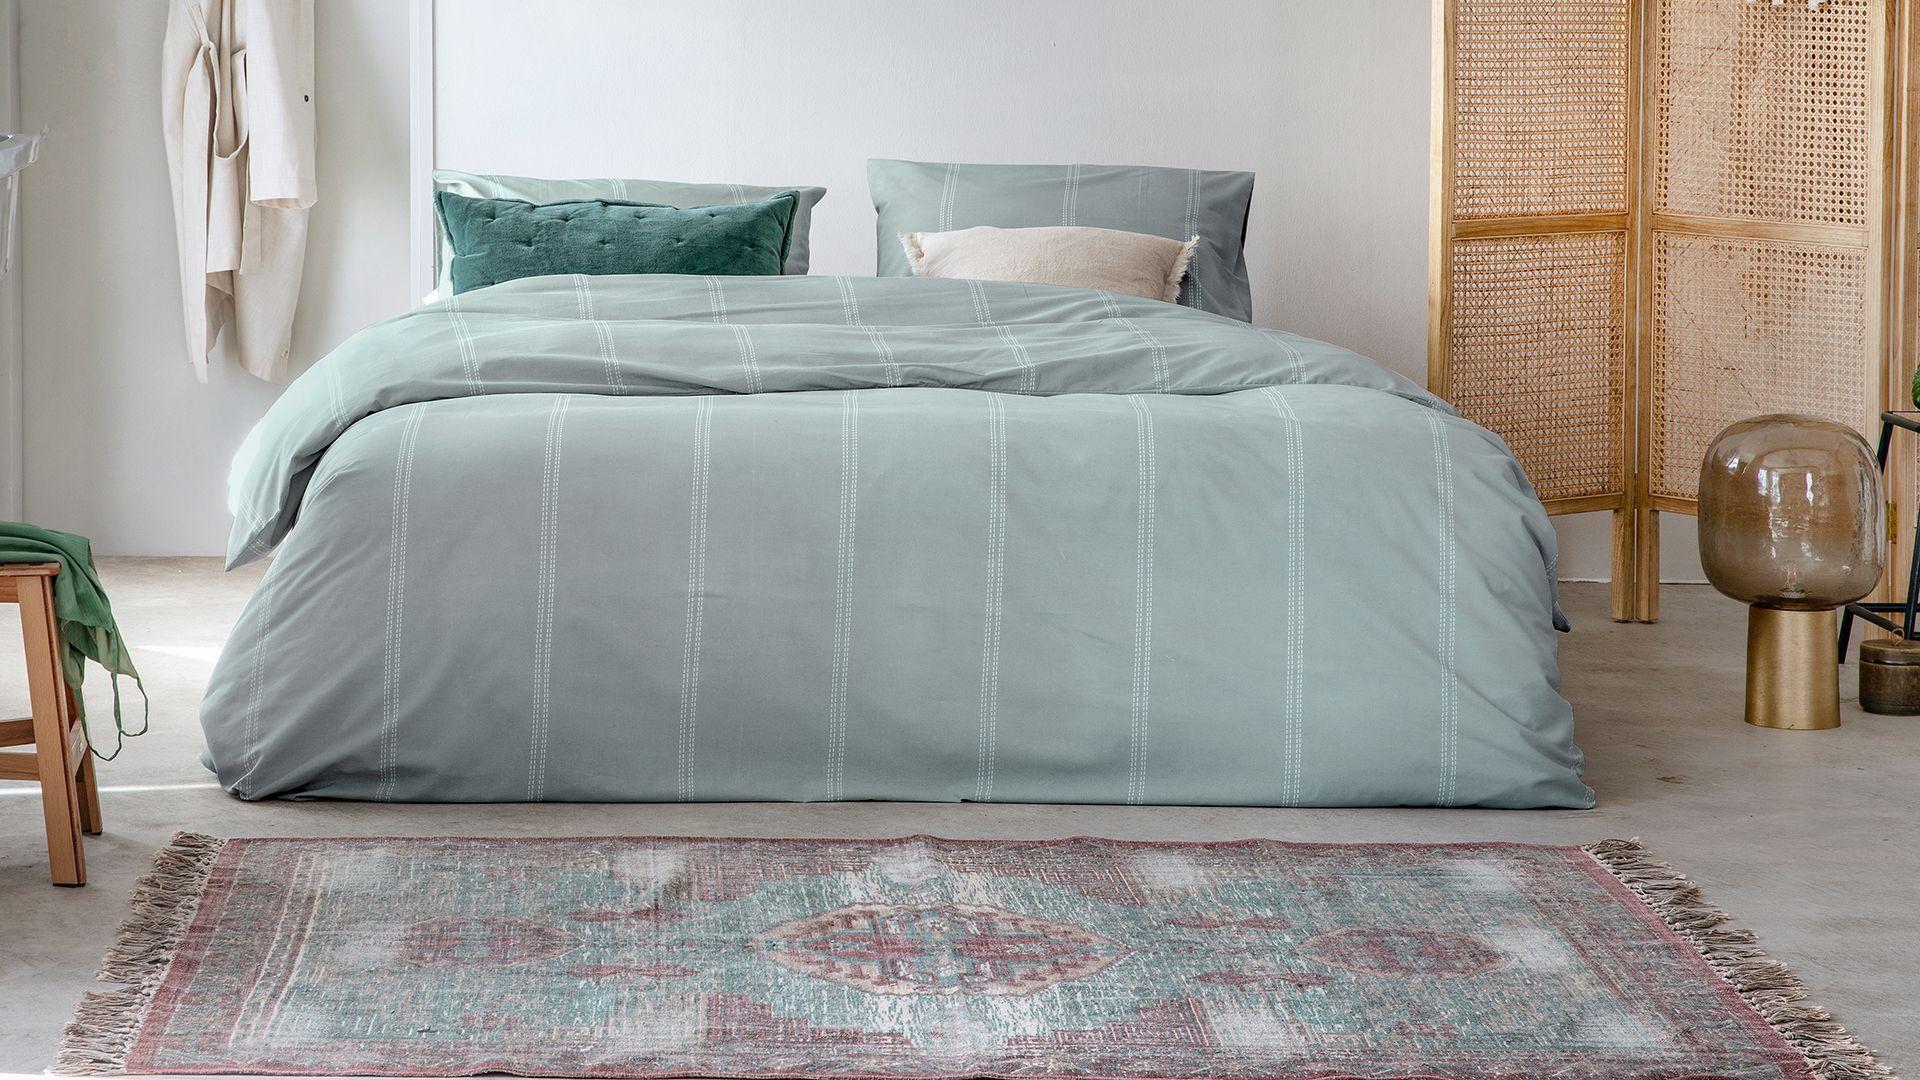 Walra Remade Cotton Blend dekbedovertrek groen